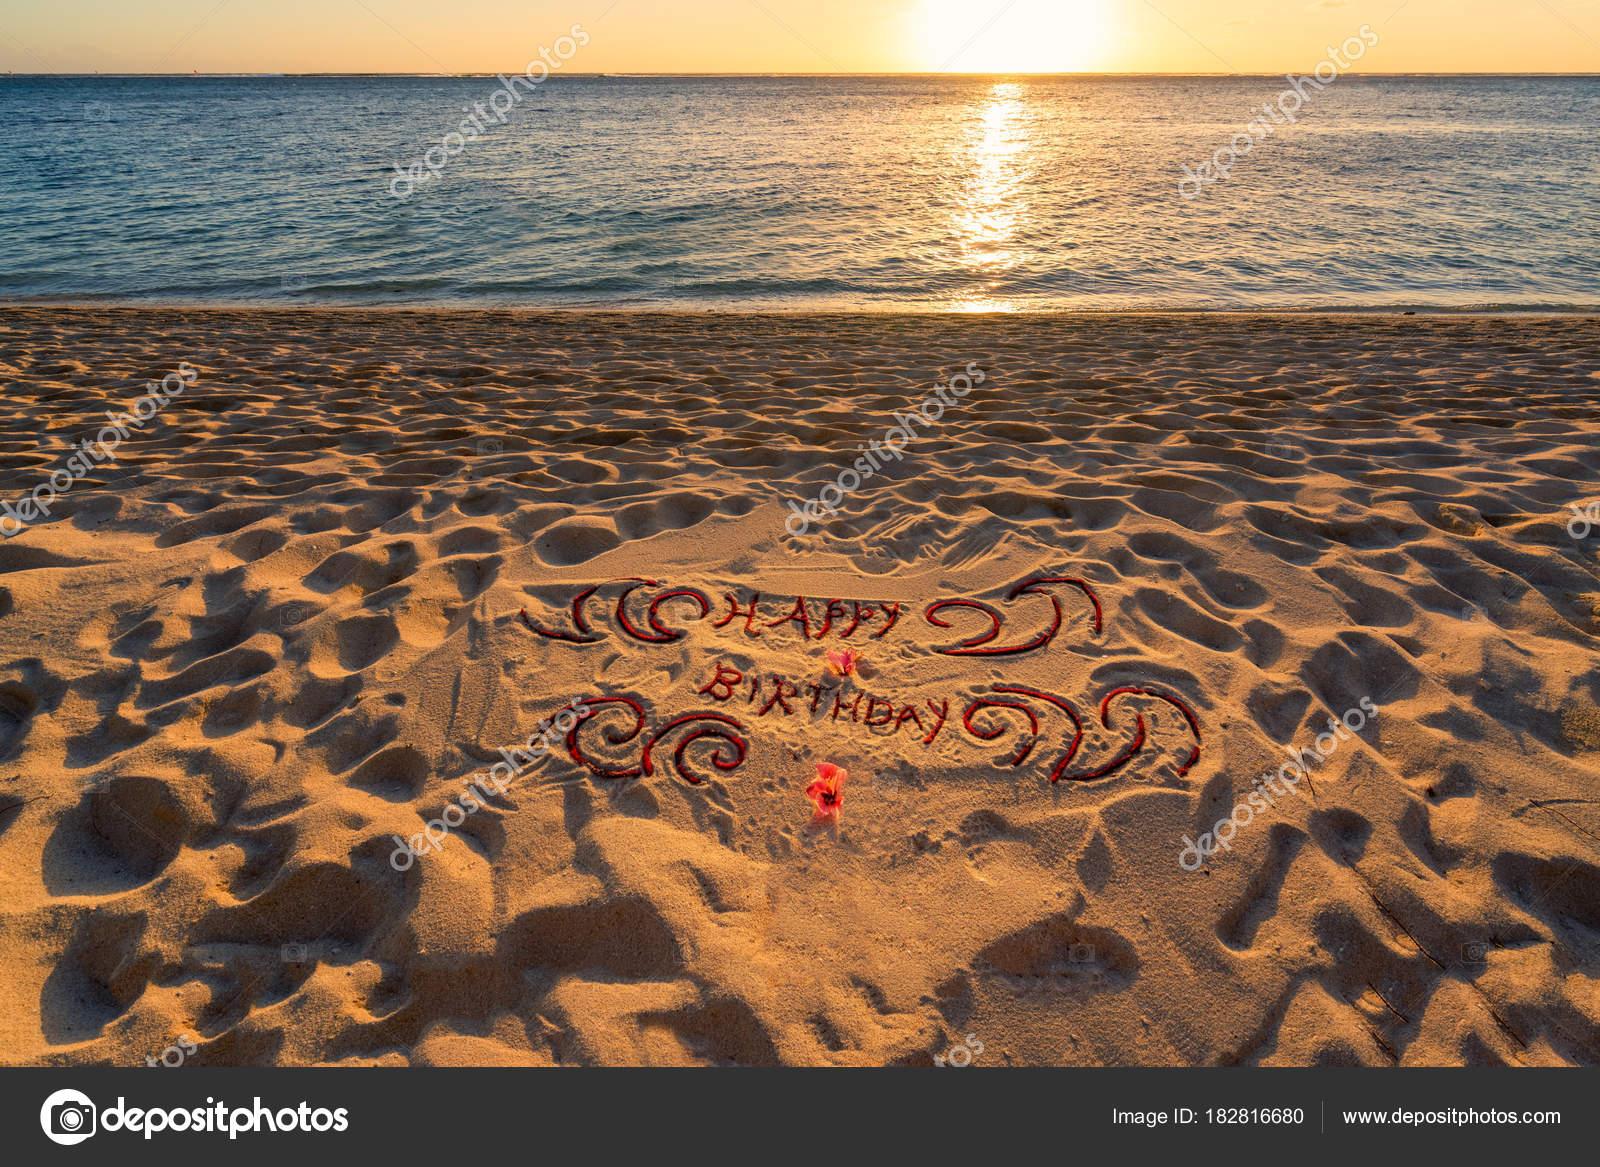 Manuscrite Joyeux Anniversaire Sur La Plage De Sable Photographie